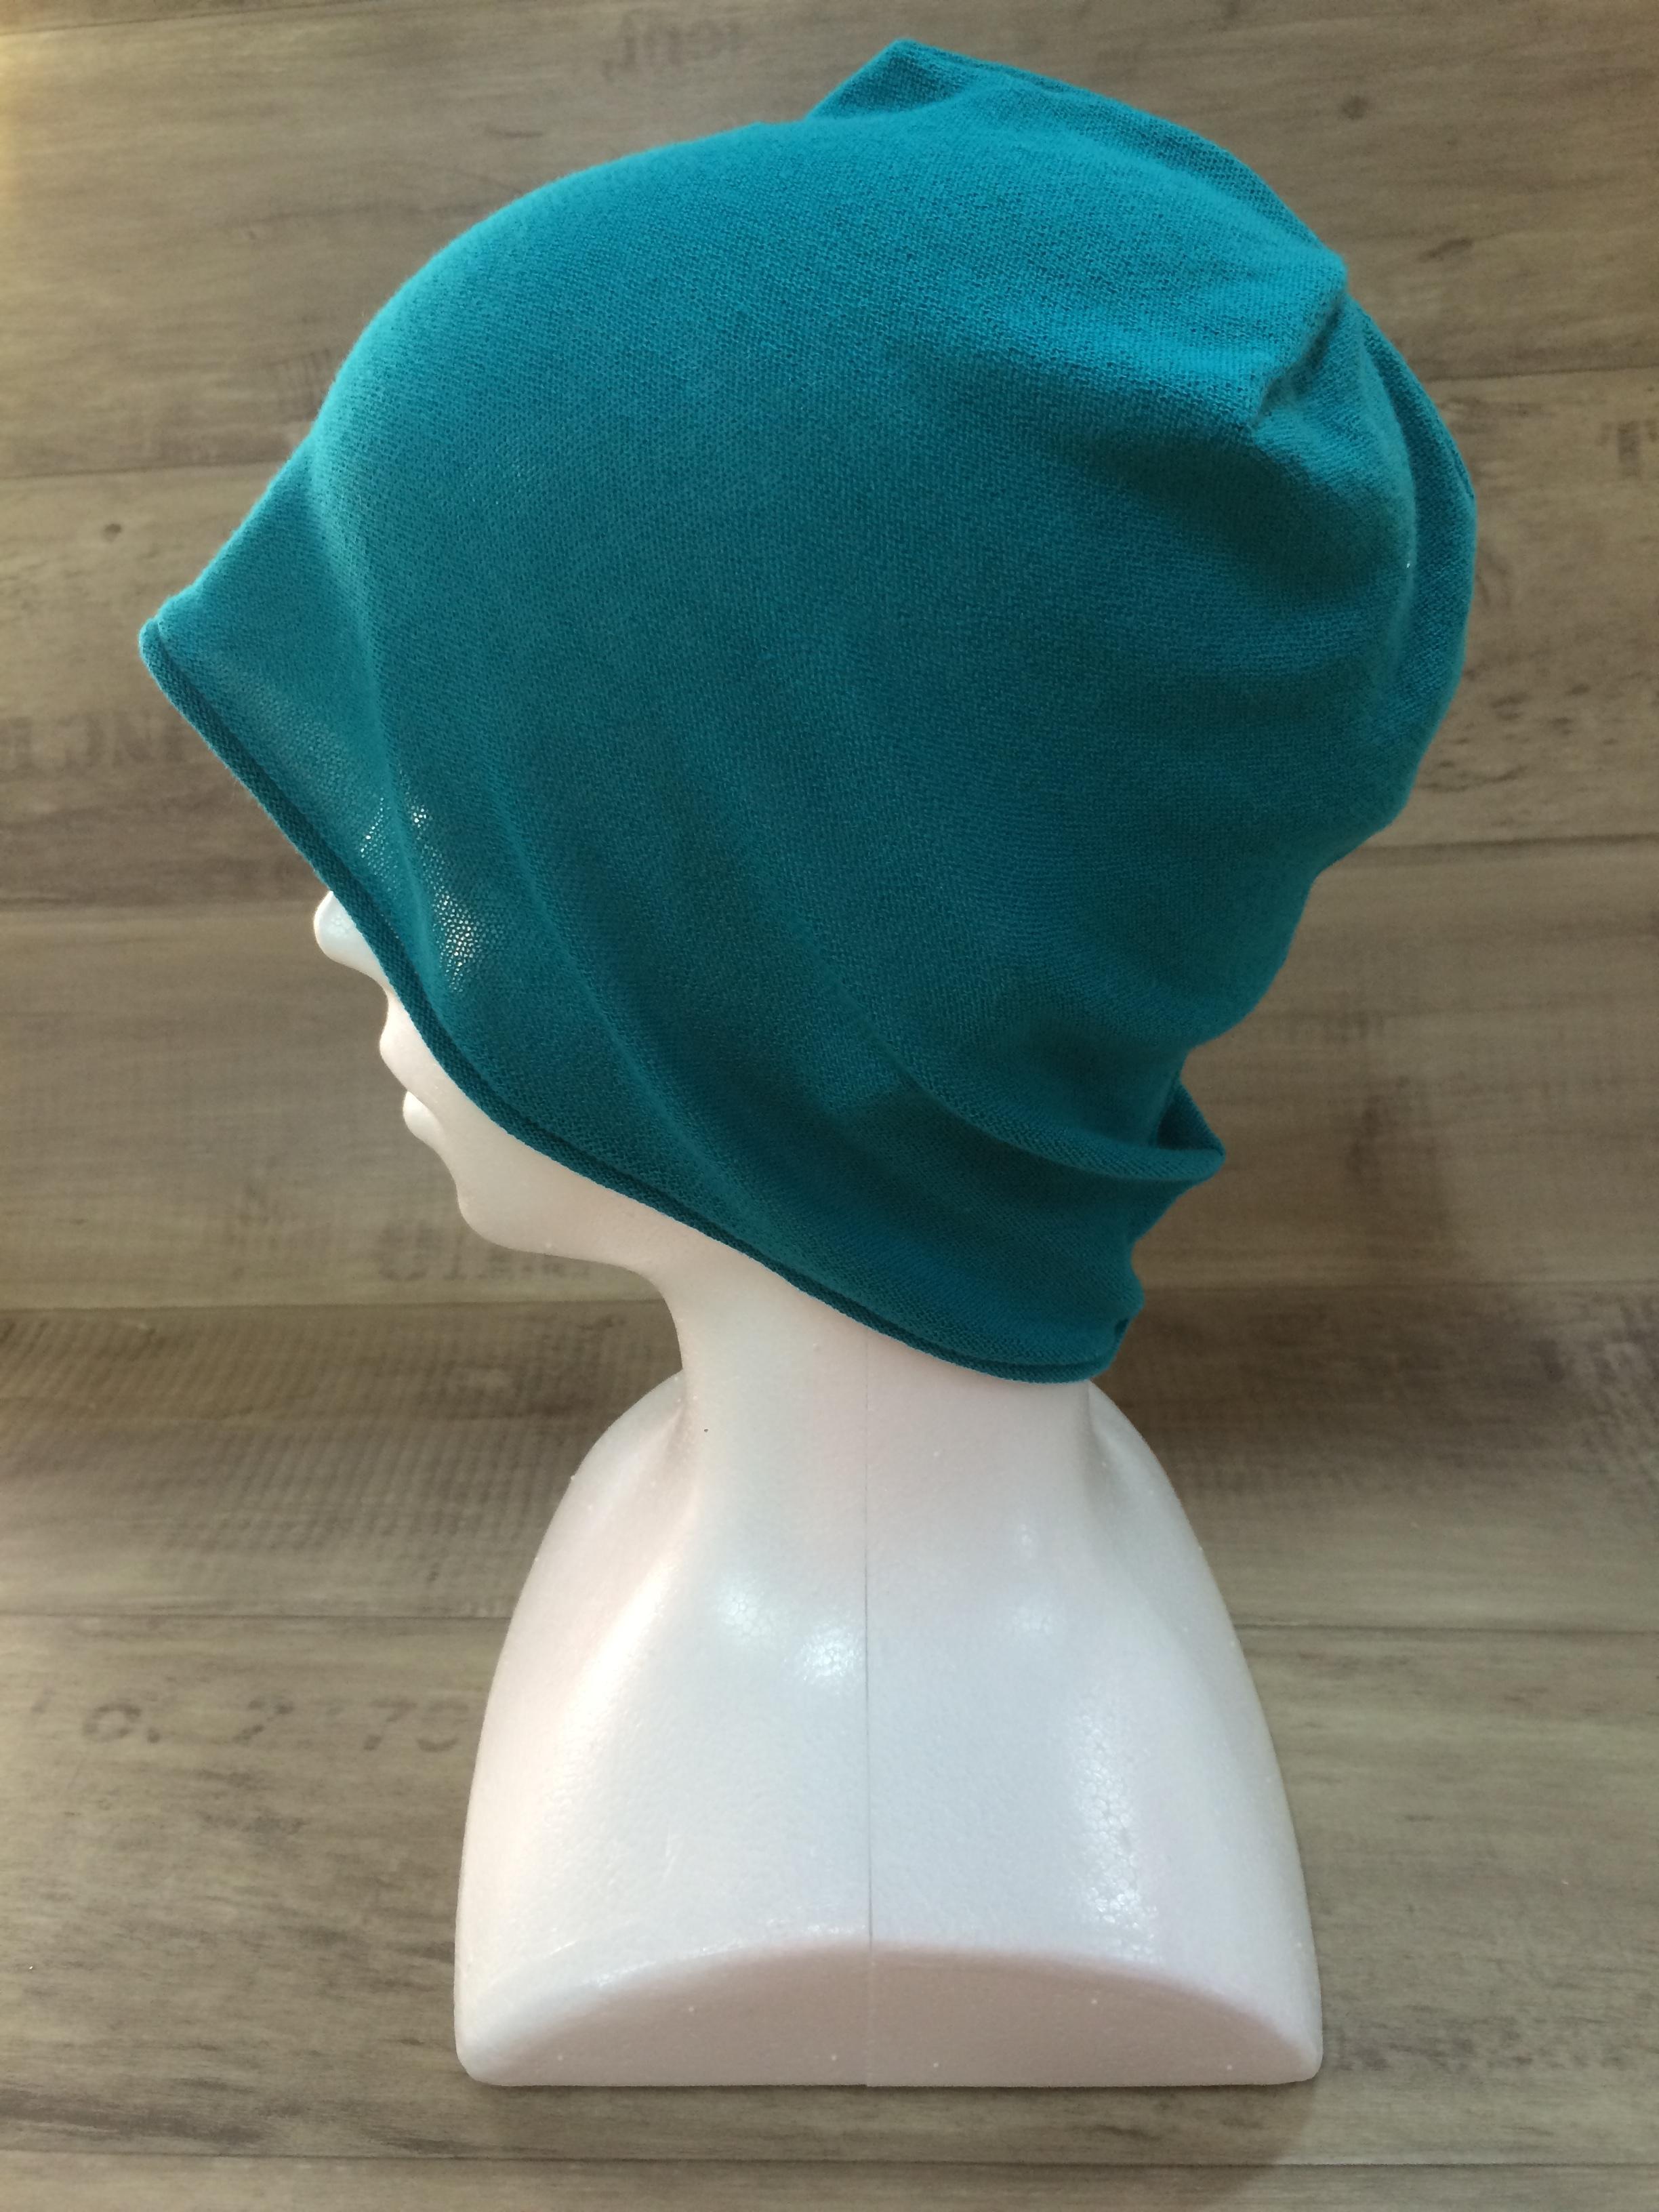 【送料無料】こころが軽くなるニット帽子amuamu|新潟の老舗ニットメーカーが考案した抗がん治療中の脱毛ストレスを軽減する機能性と豊富なデザイン NB-6060|深藍色(ふかあいいろ)